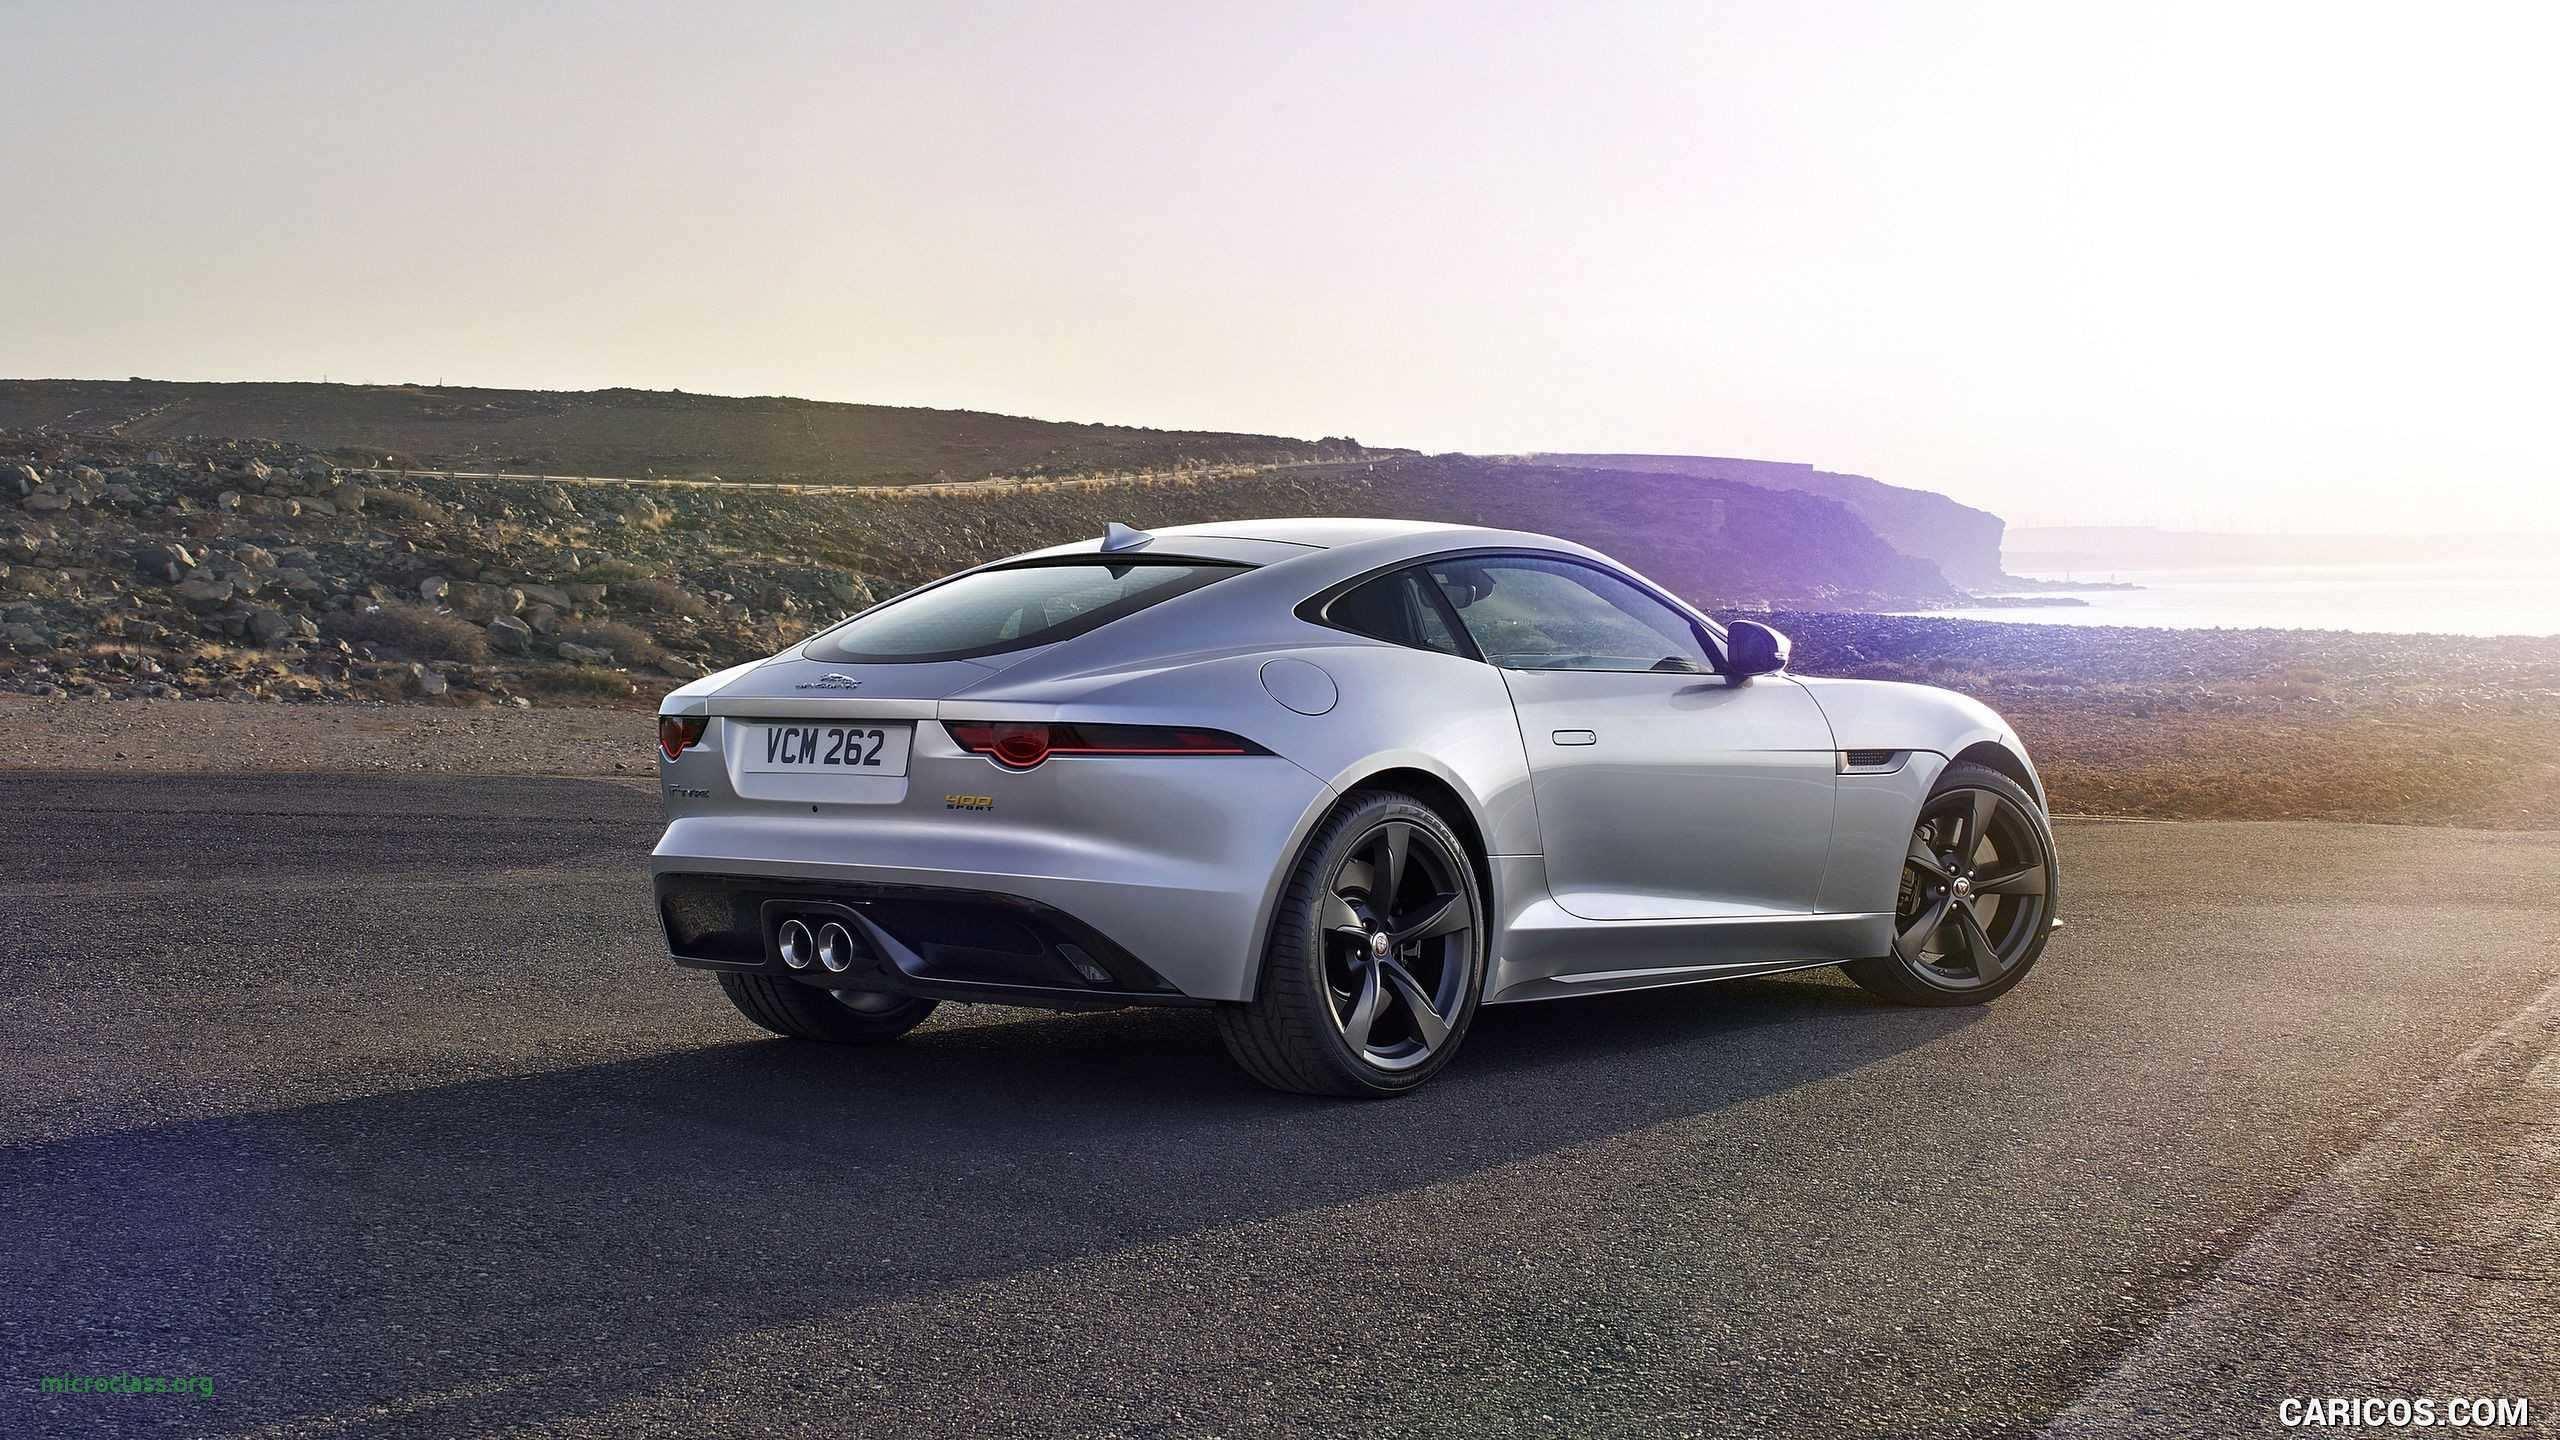 59 New 2019 Jaguar Xj Coupe Spy Shoot by 2019 Jaguar Xj Coupe